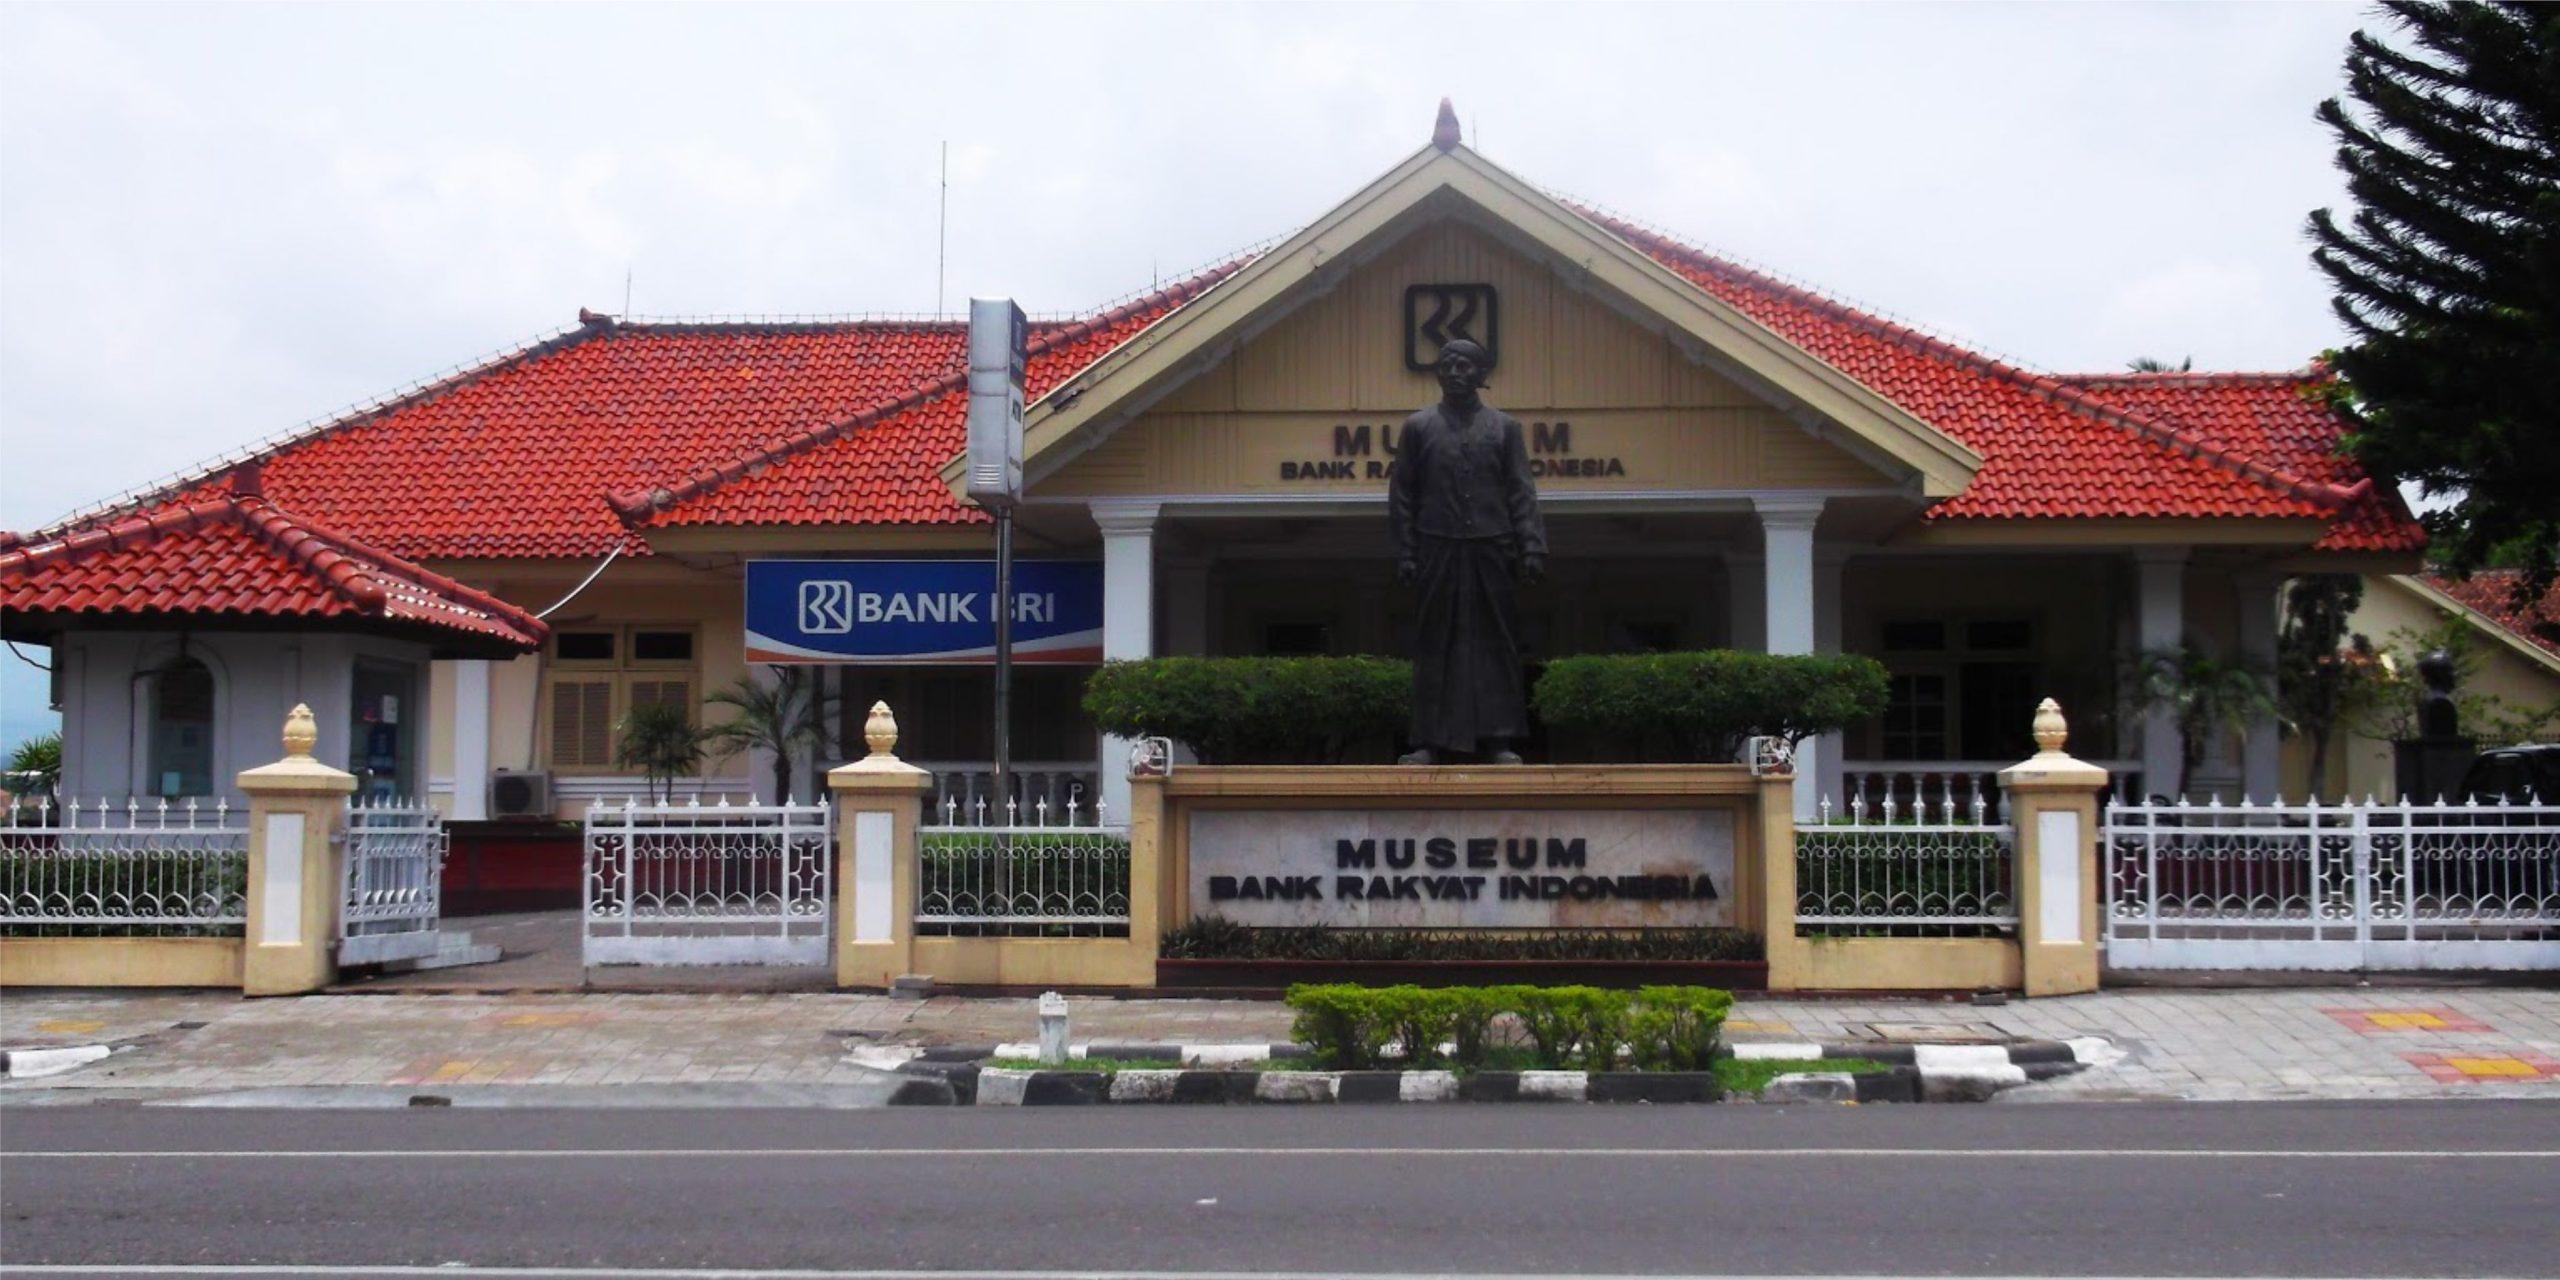 Museum Bank Rakyat Indonesia